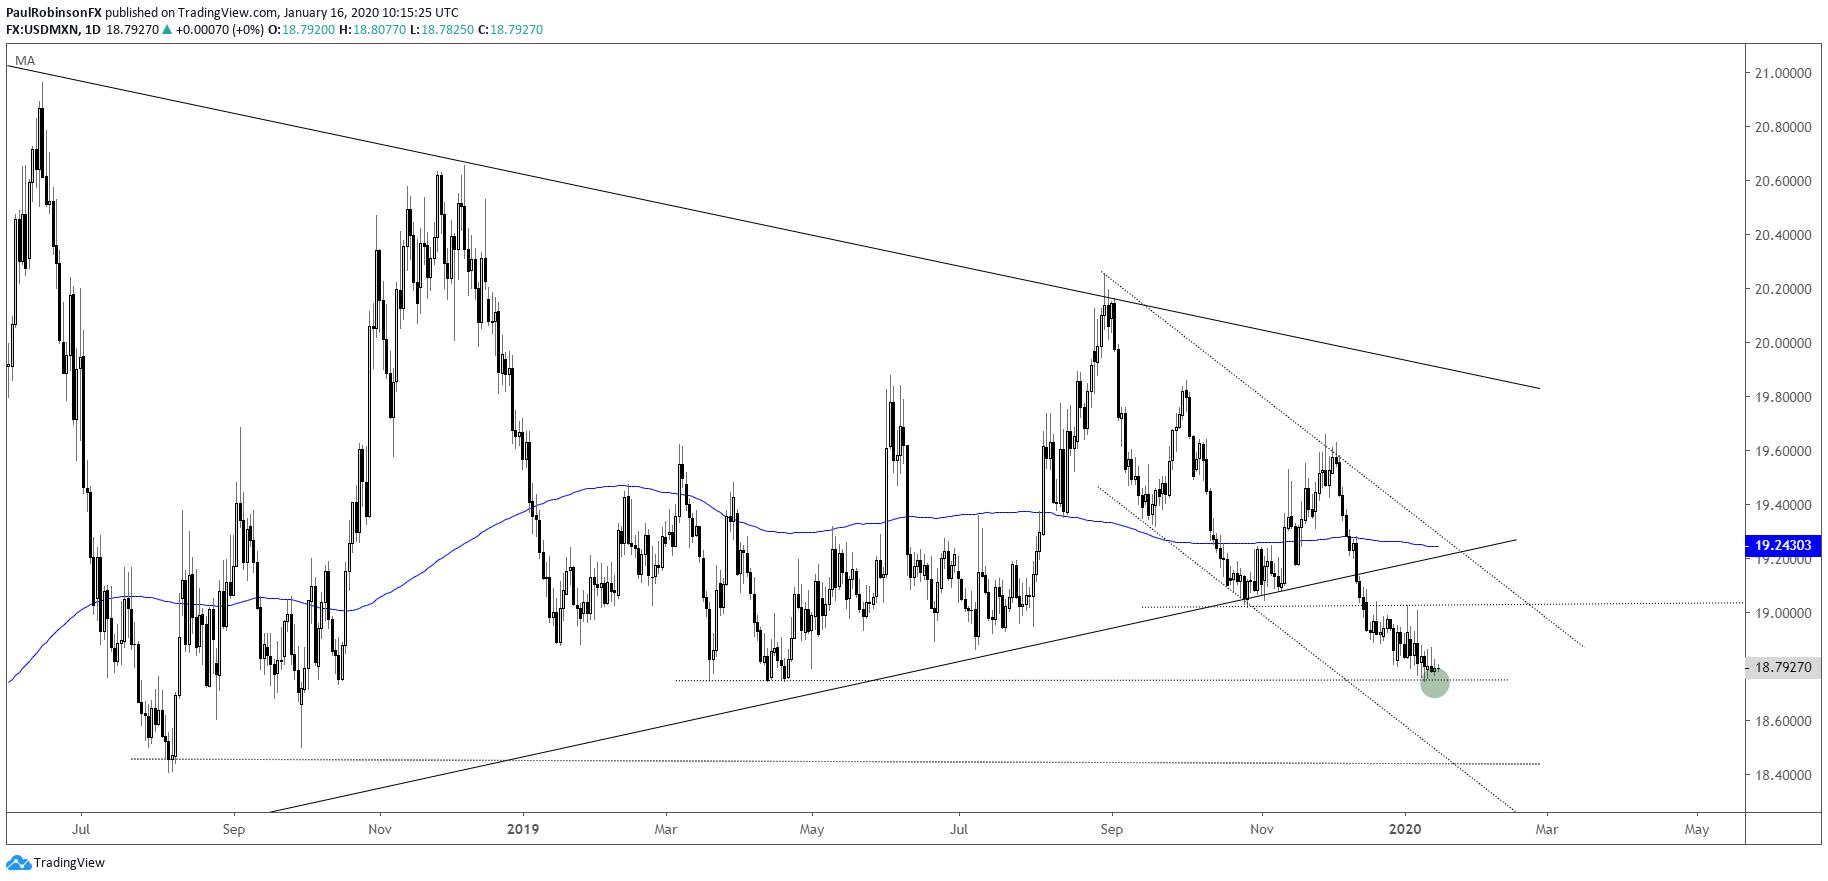 美元/墨西哥比索:跌破長期三角形後卻極度平靜?大趨勢正在醞釀中!